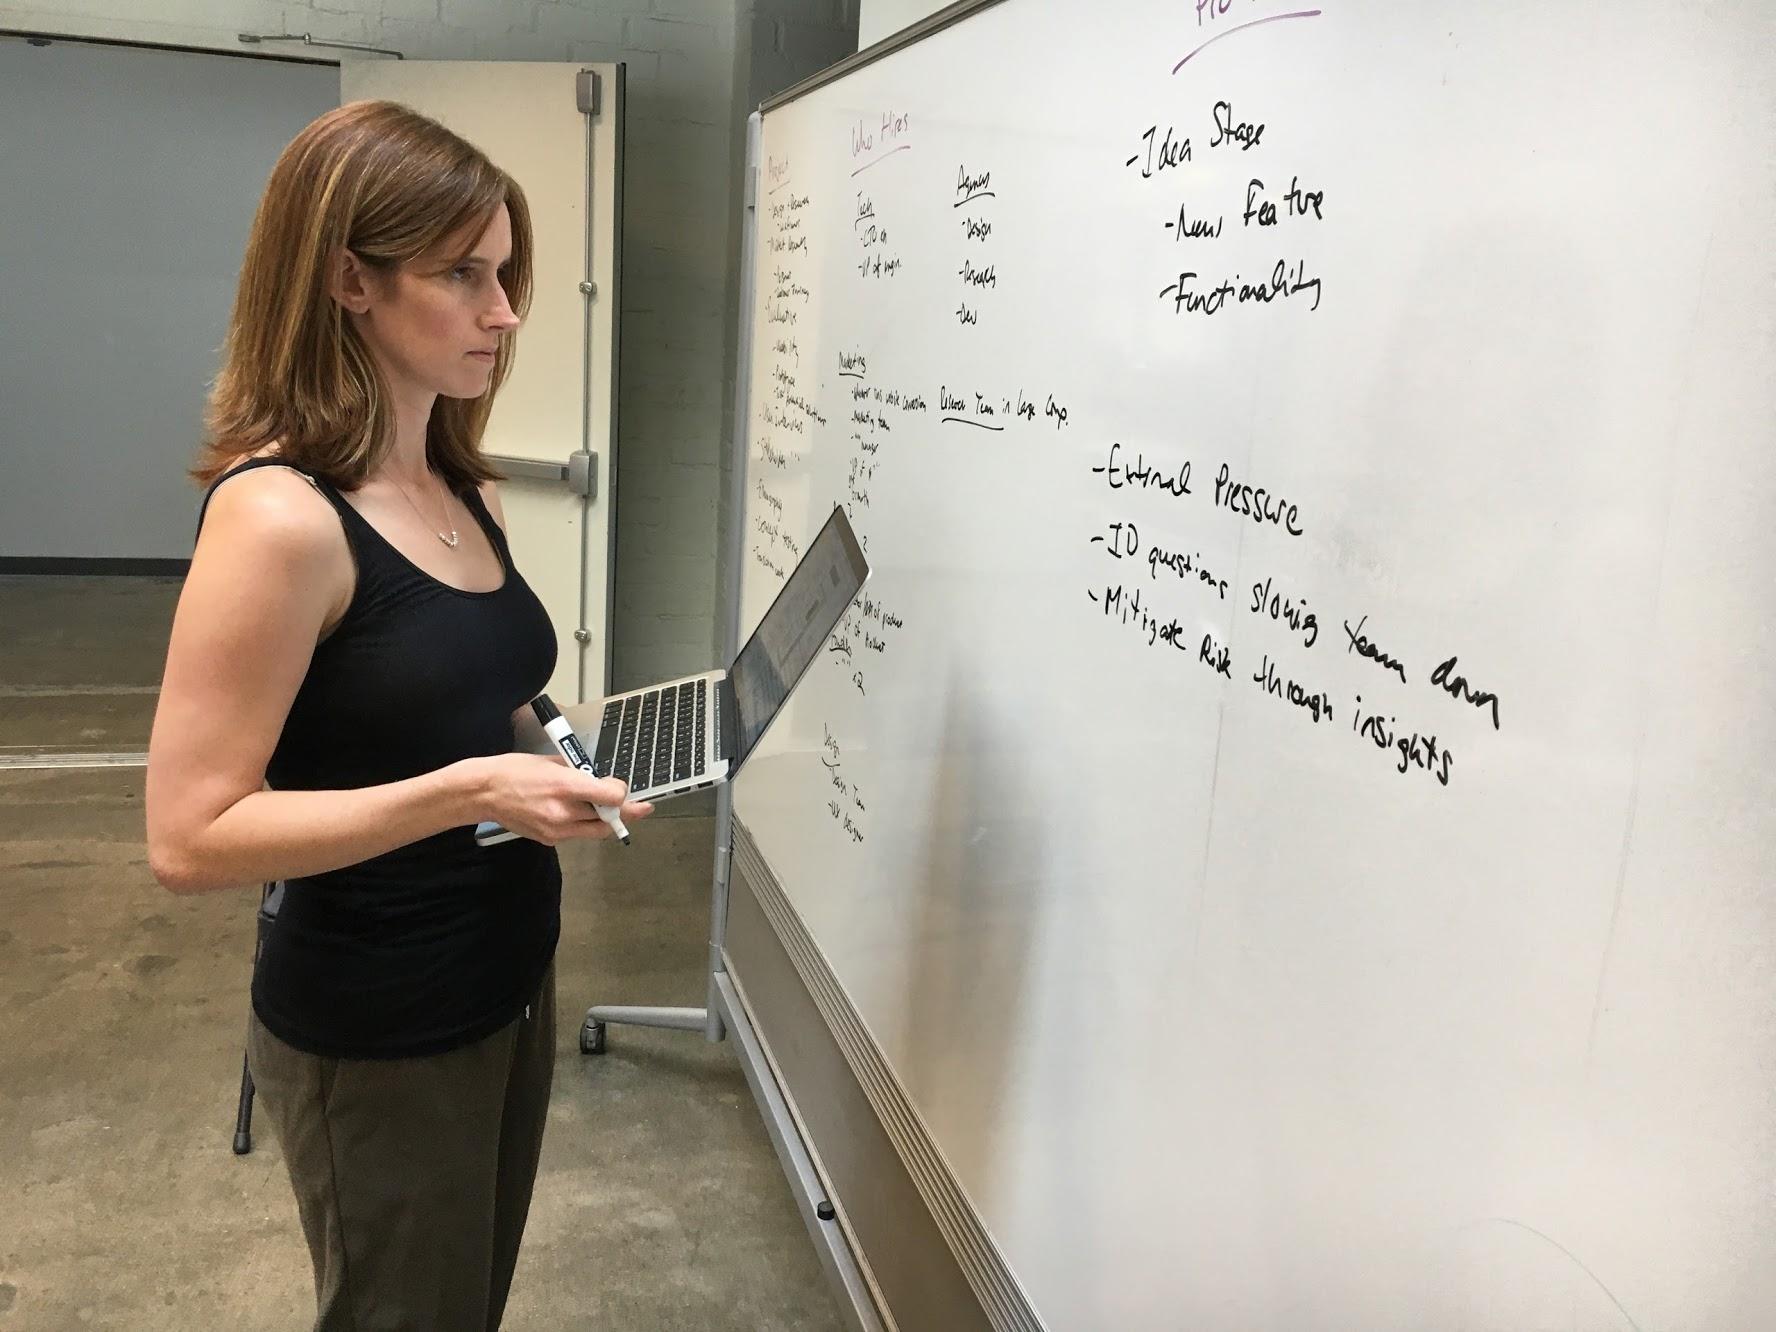 Sheana at Blackboard.JPG